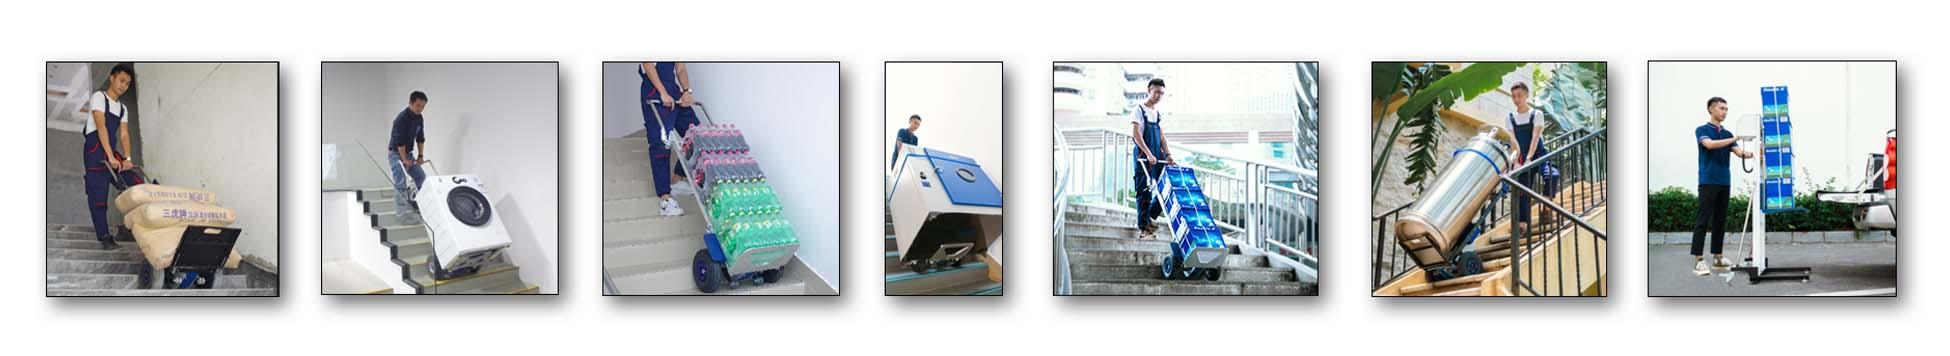 Carretillas elevadoras y sube escaleras eléctricos